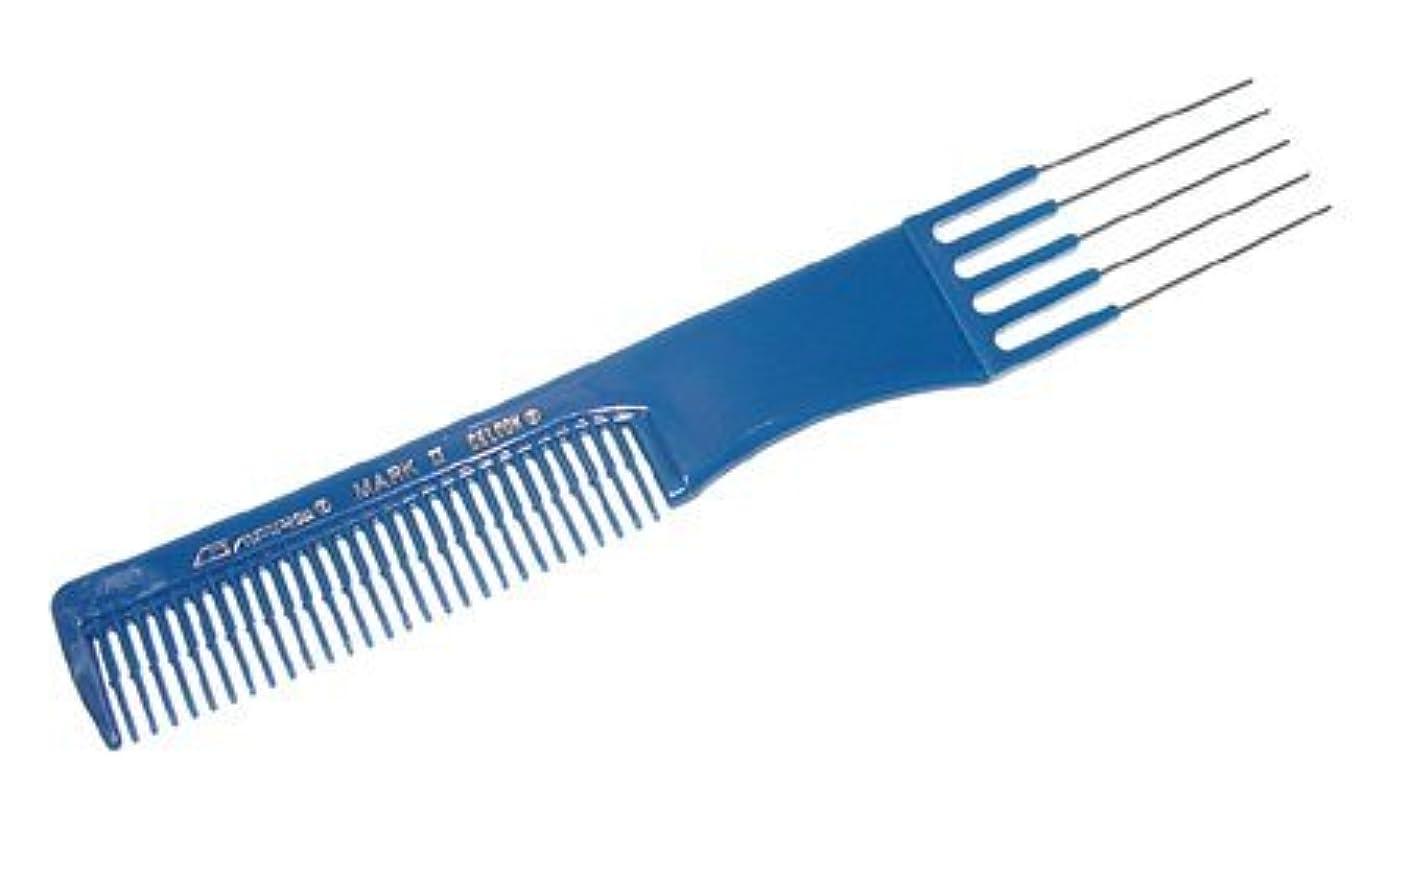 スポット決定元気Comare Mark II Stainless Steel Lift Comb [並行輸入品]